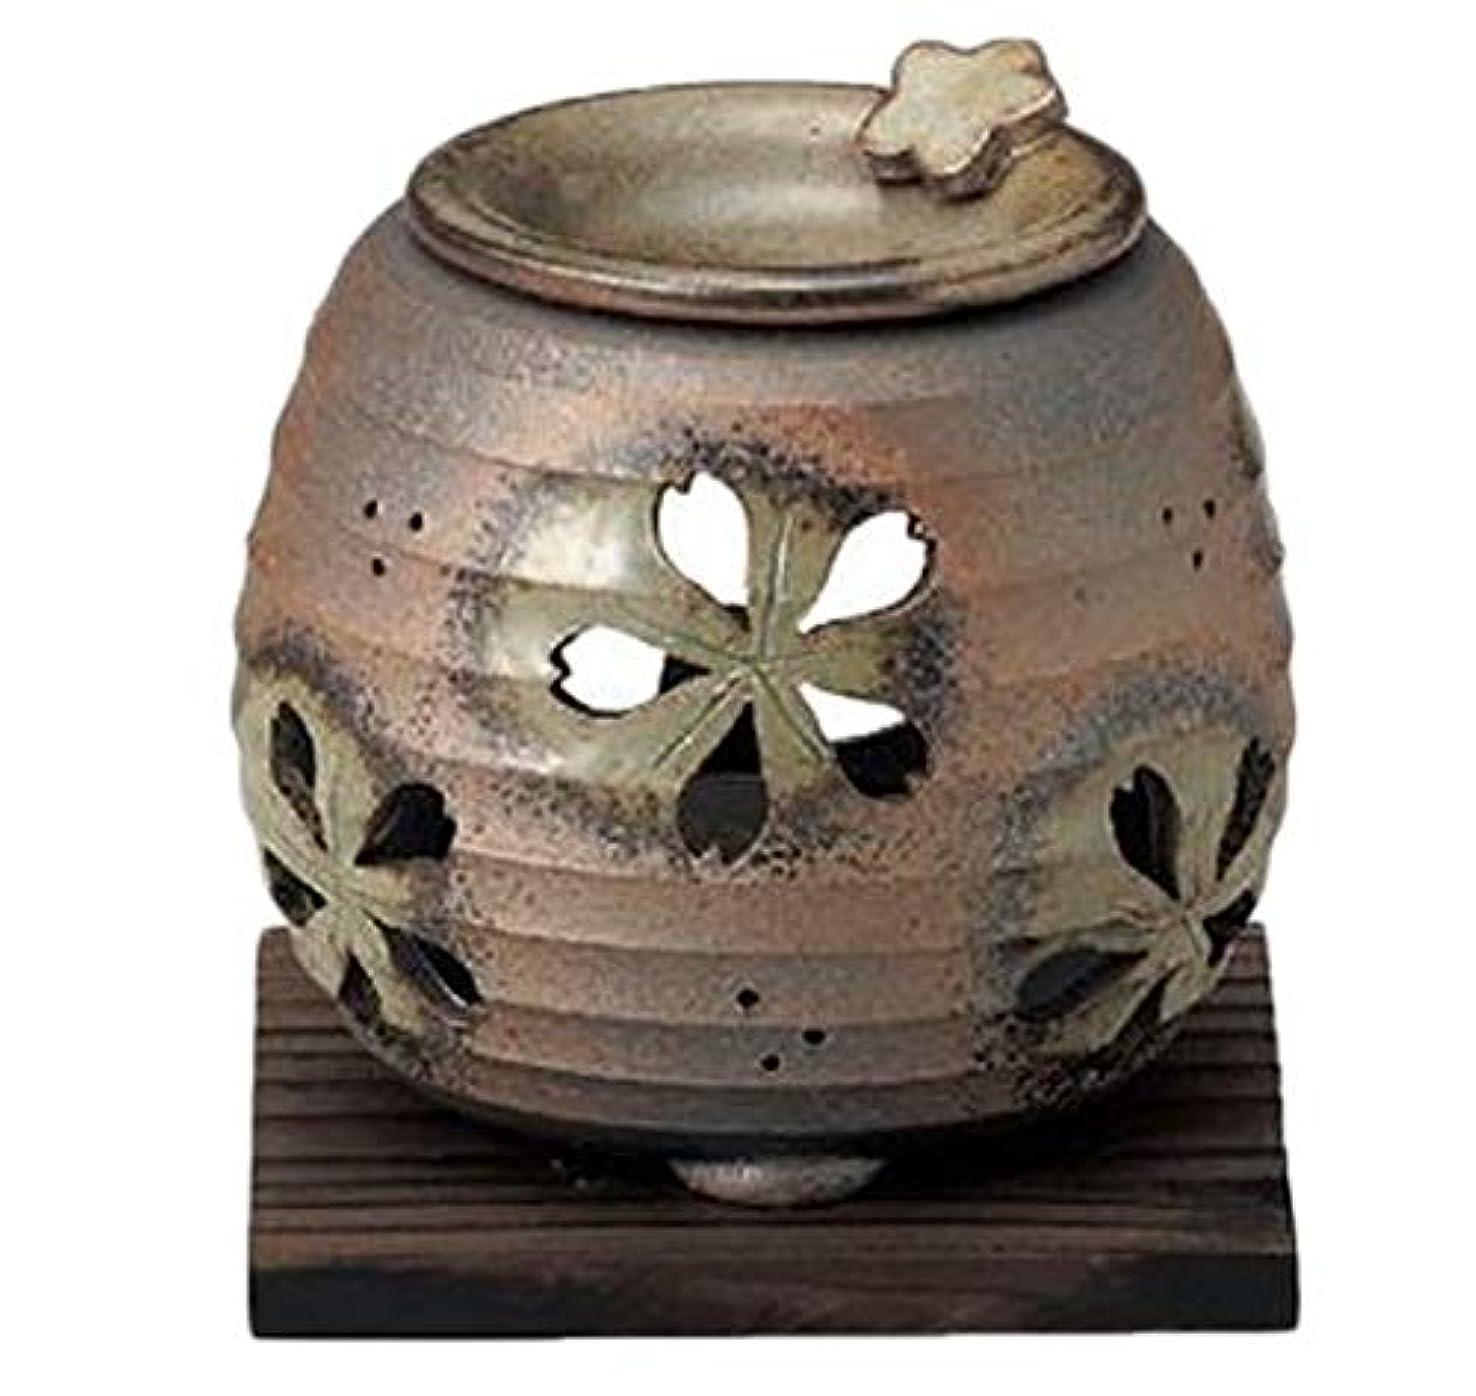 マットキネマティクス落ち着く常滑焼 6-249 石龍緑灰釉桜透かし茶香炉 石龍φ11×H11㎝